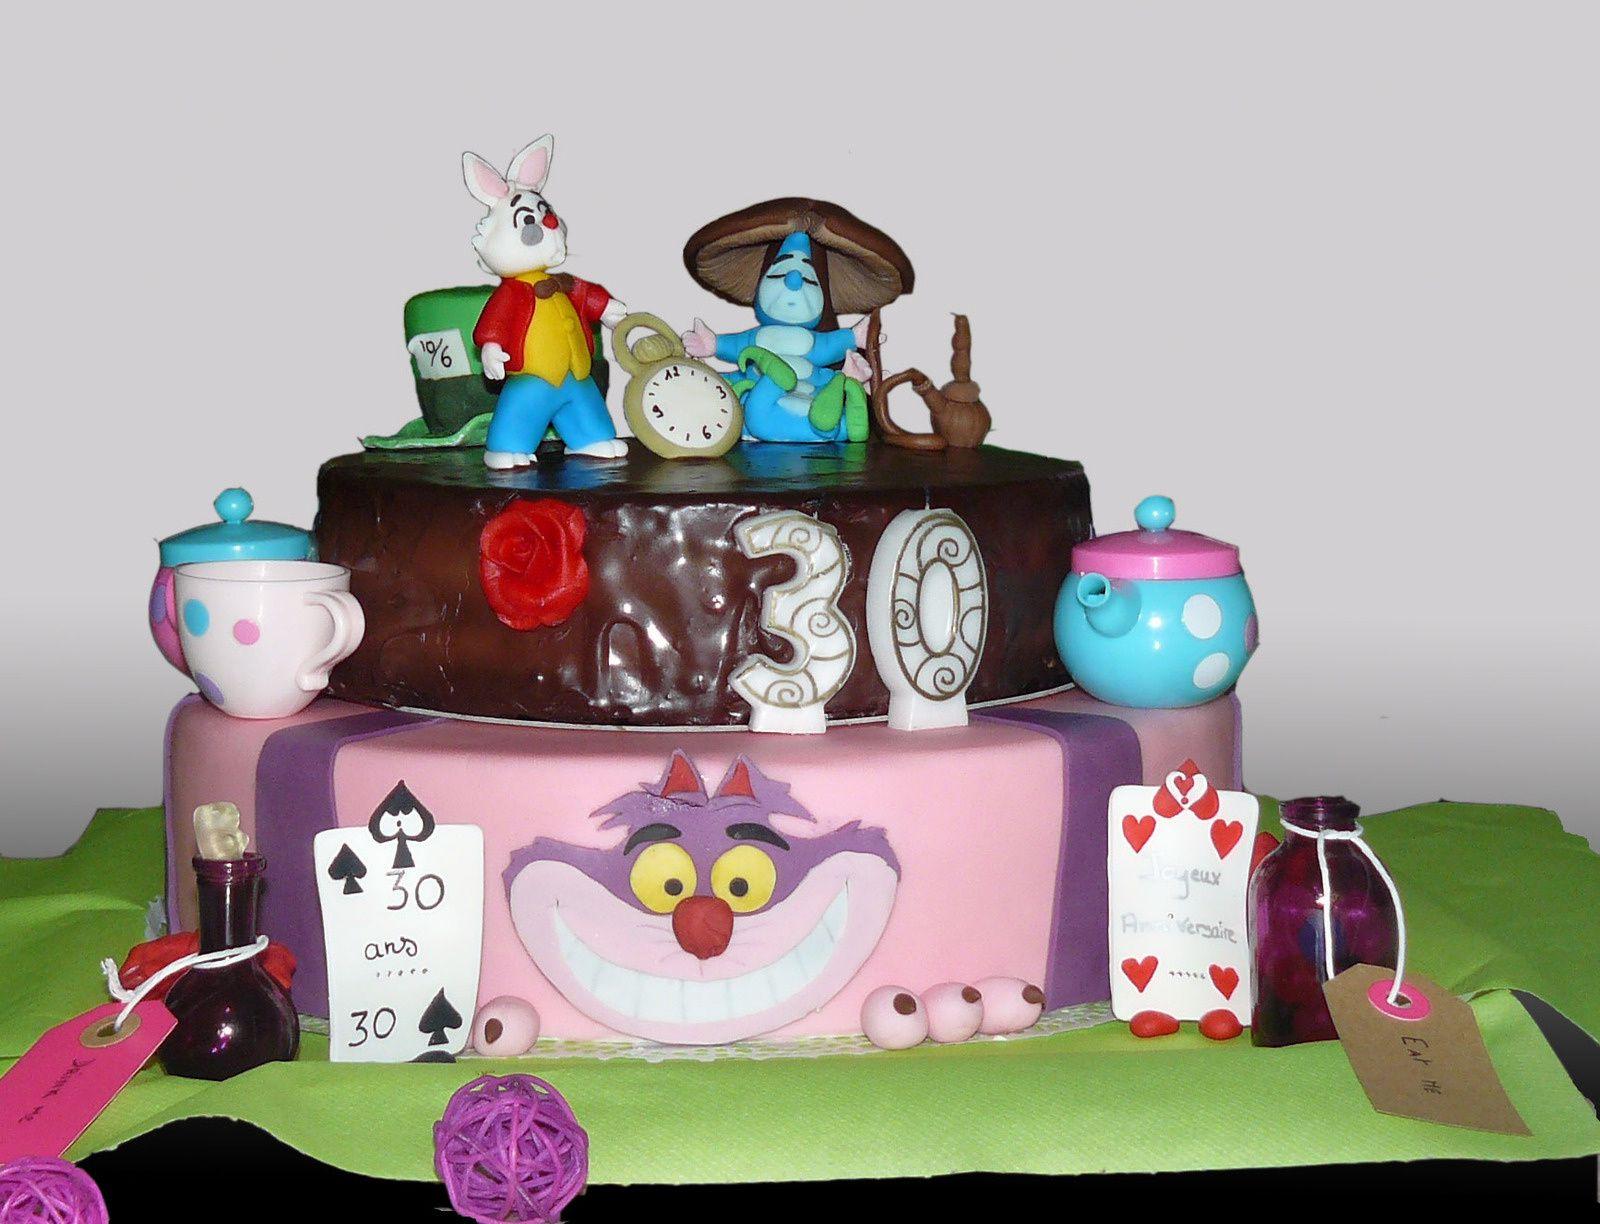 Gateau Alice Aux Pays Des Merveilles se rapportant à gâteau en pâte à sucre - alice aux pays des merveilles - kalou modelage